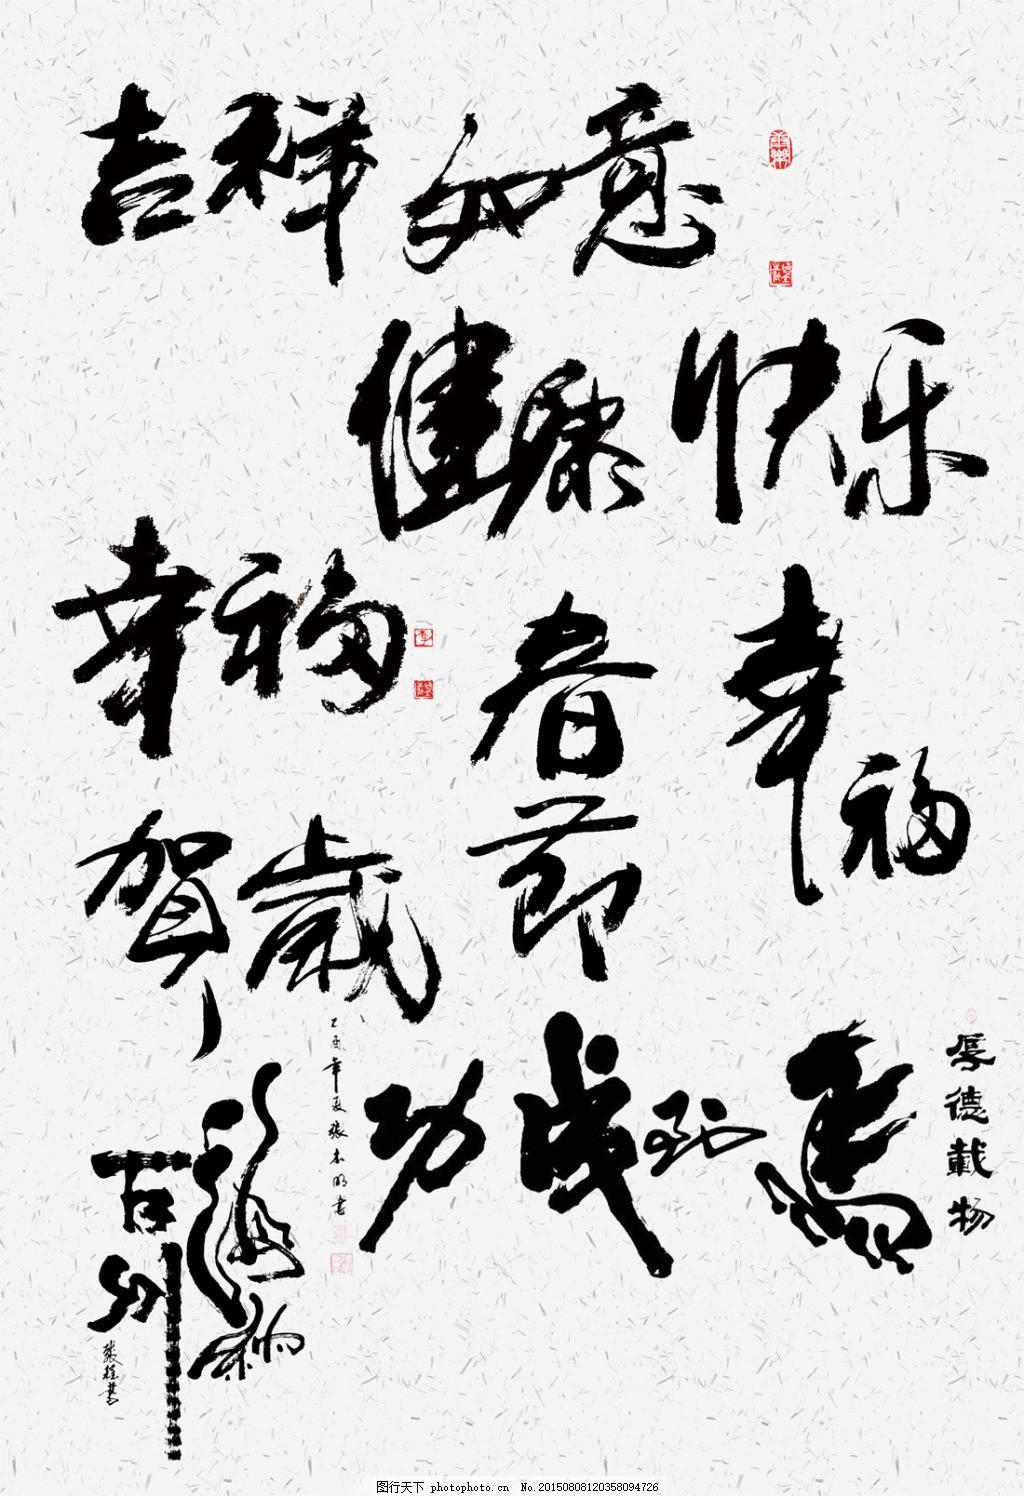 书法设计 书法字体 传统文化 吉祥如意 健康快乐 幸福贺岁 海纳百川